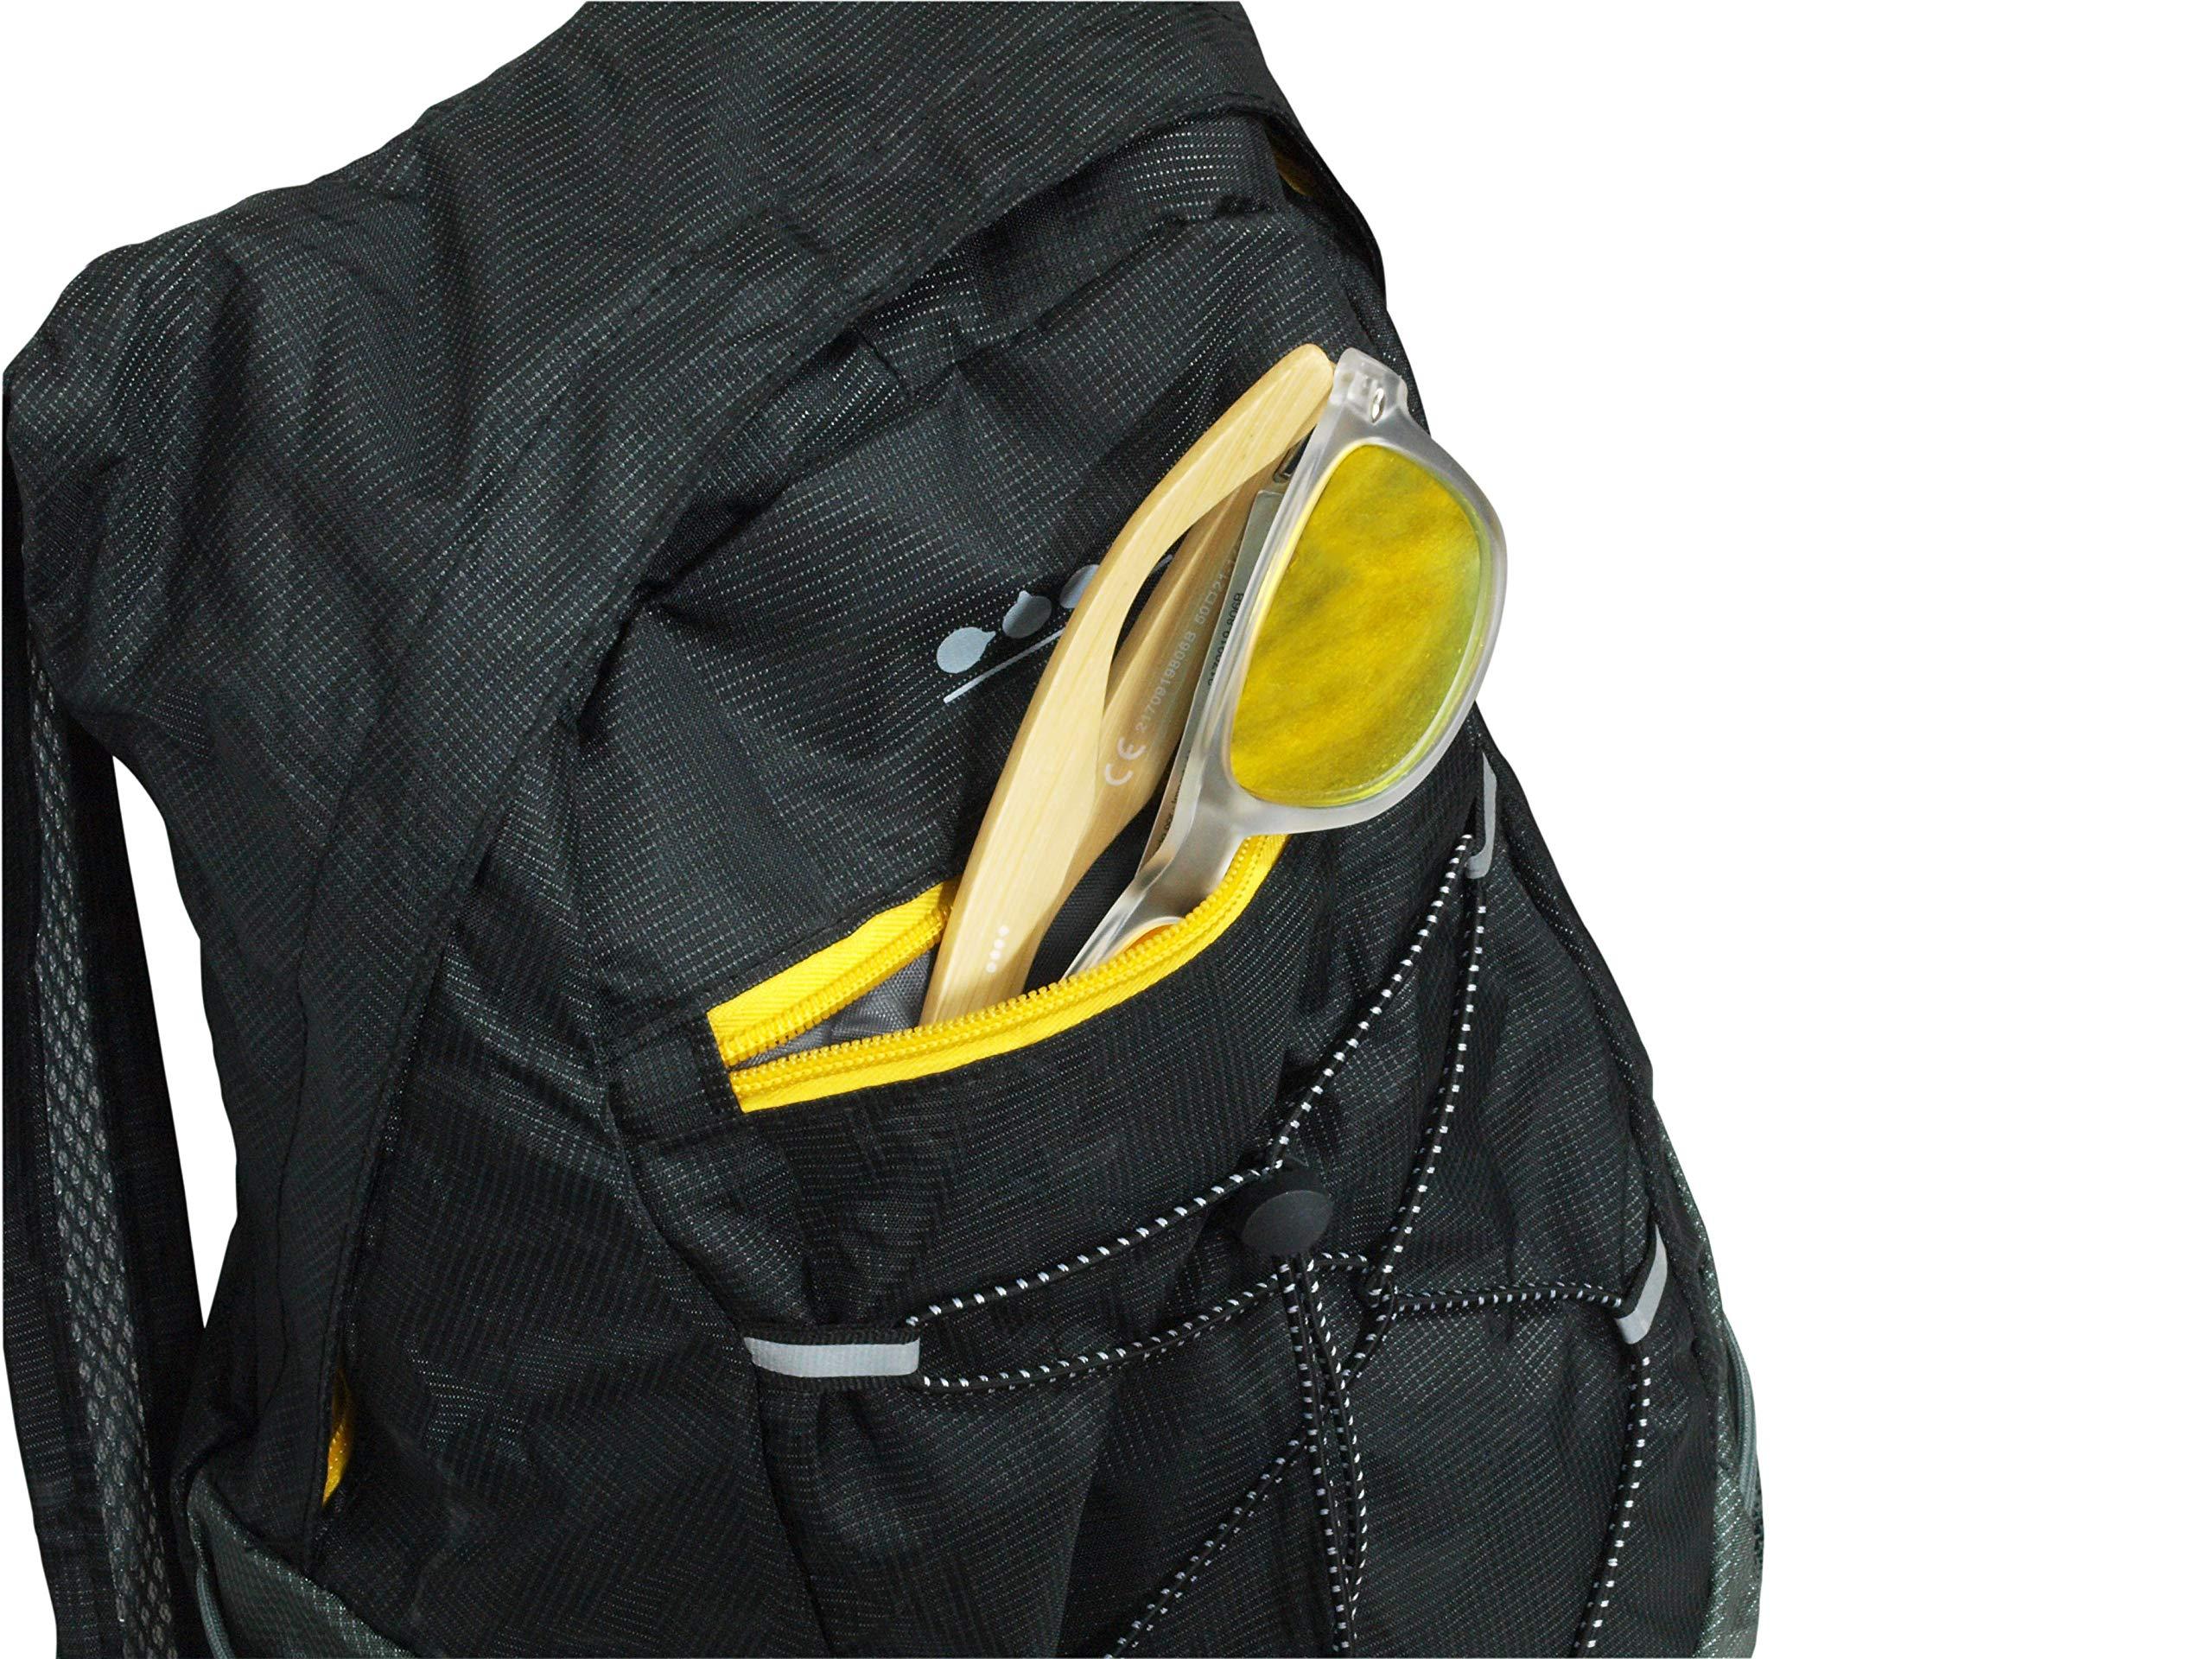 Mochila Plegable Impermeable, Ertha, Mochila Plegable para Viaje, Mochila Plegable de Nylon,